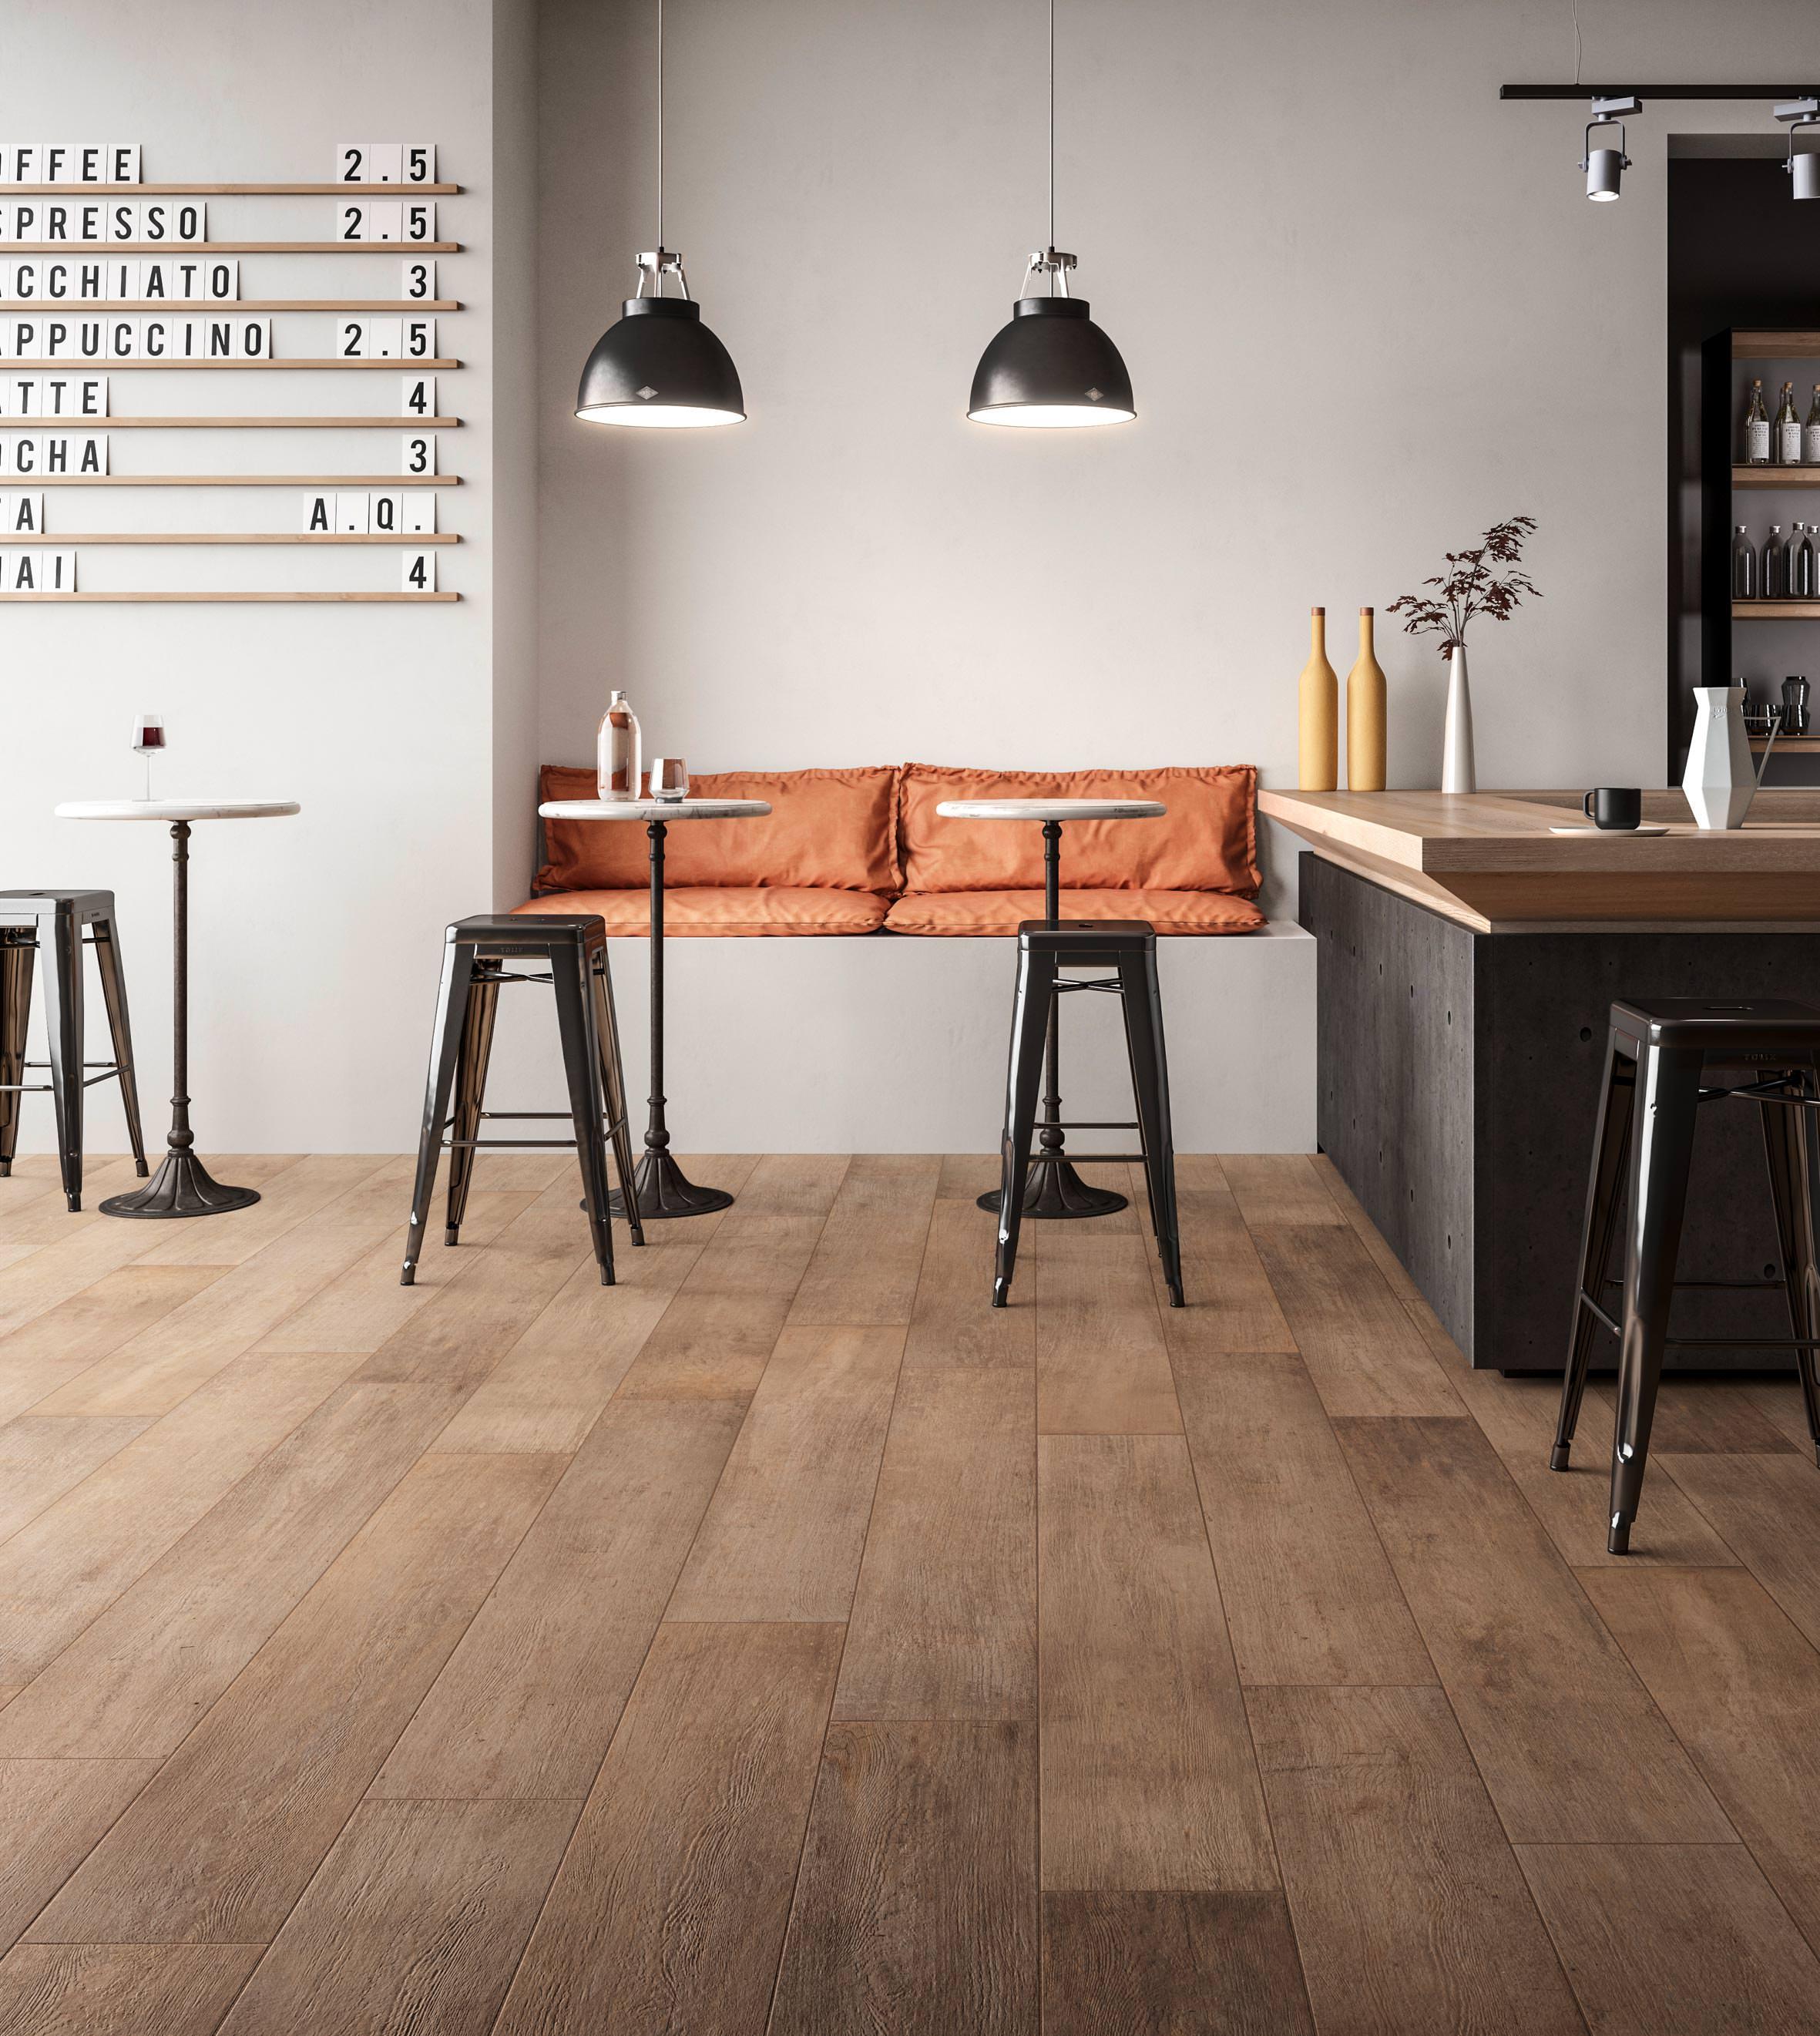 Craft Und Epoque Neue Bodenfliesen Im Industrial Look Von - Fliesen im laminat look